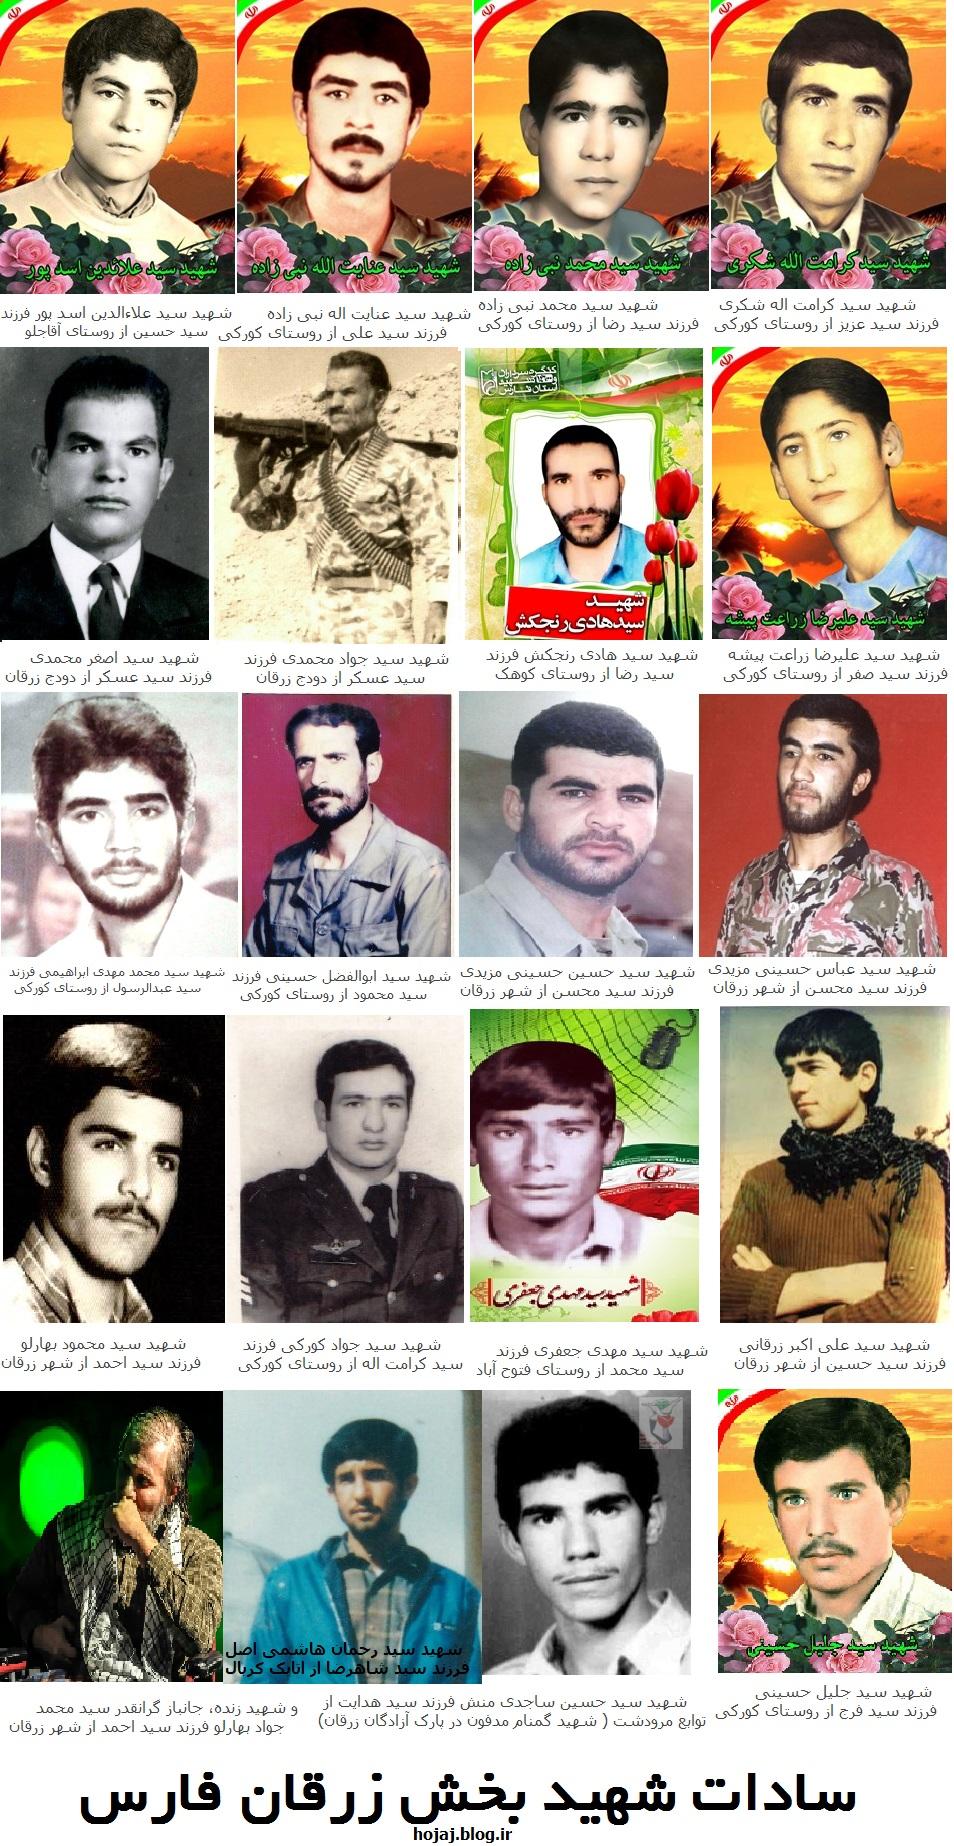 سادات شهید بخش زرقان فارس